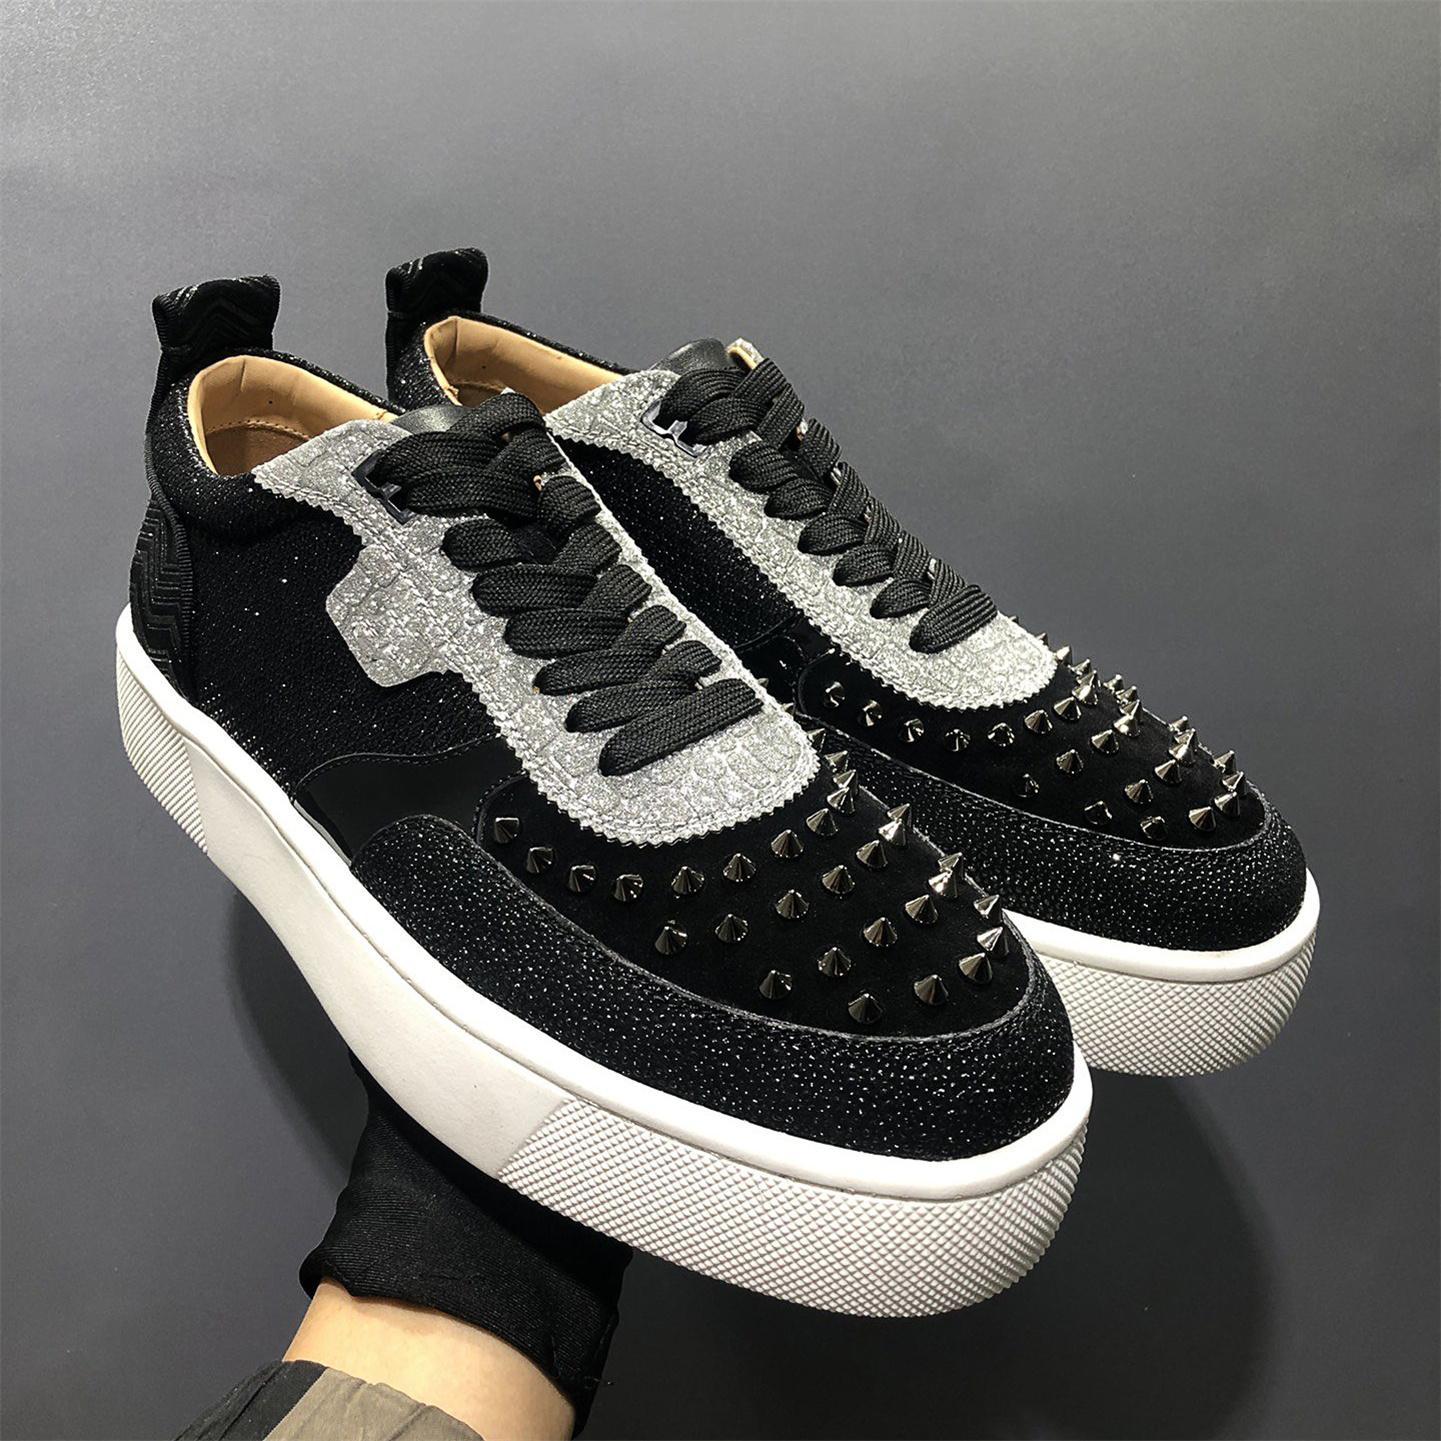 Christian louboutin 2021ss Yüksek Kalite Rahat Ayakkabılar Lüks Tasarımcı Sneaker Hakiki Deri Mesh Sivri Burun Yarış Runner Açık Havada US38-46 ve Kutu